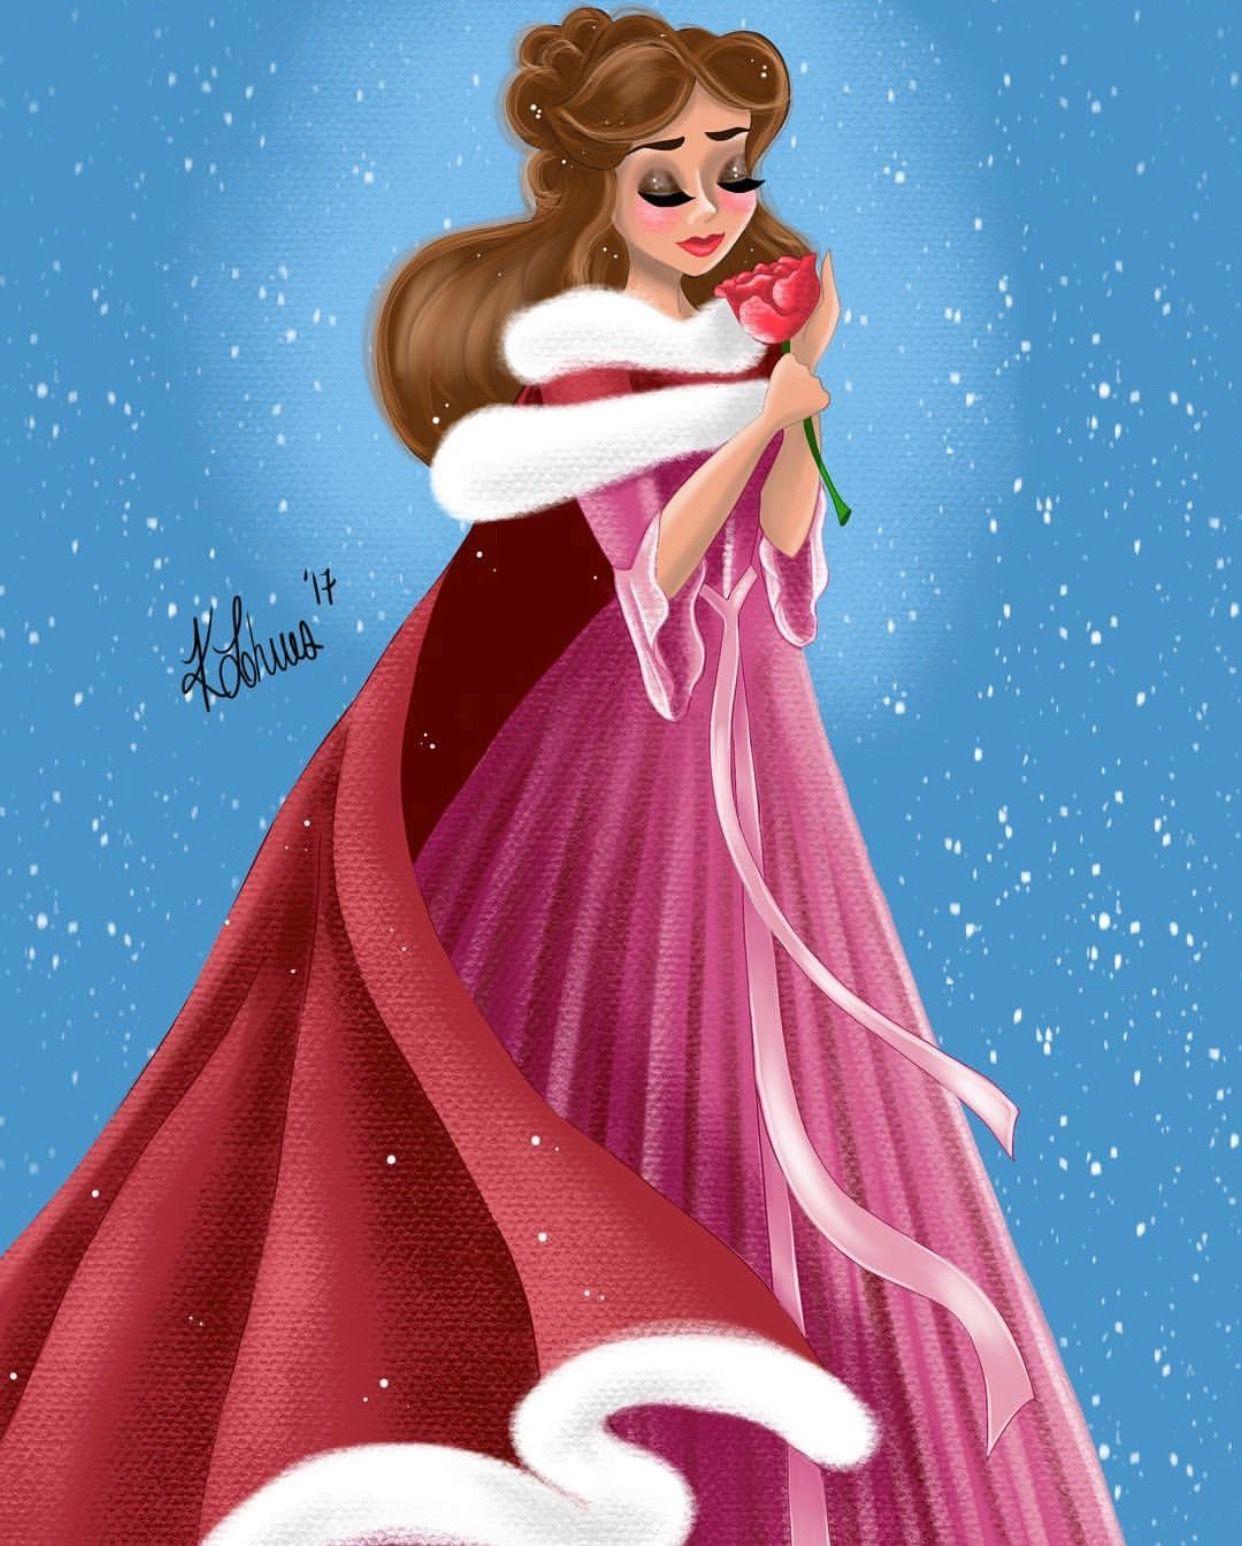 Klohart Disney Belle | Disney | Pinterest | Disney belle, Belle and ...